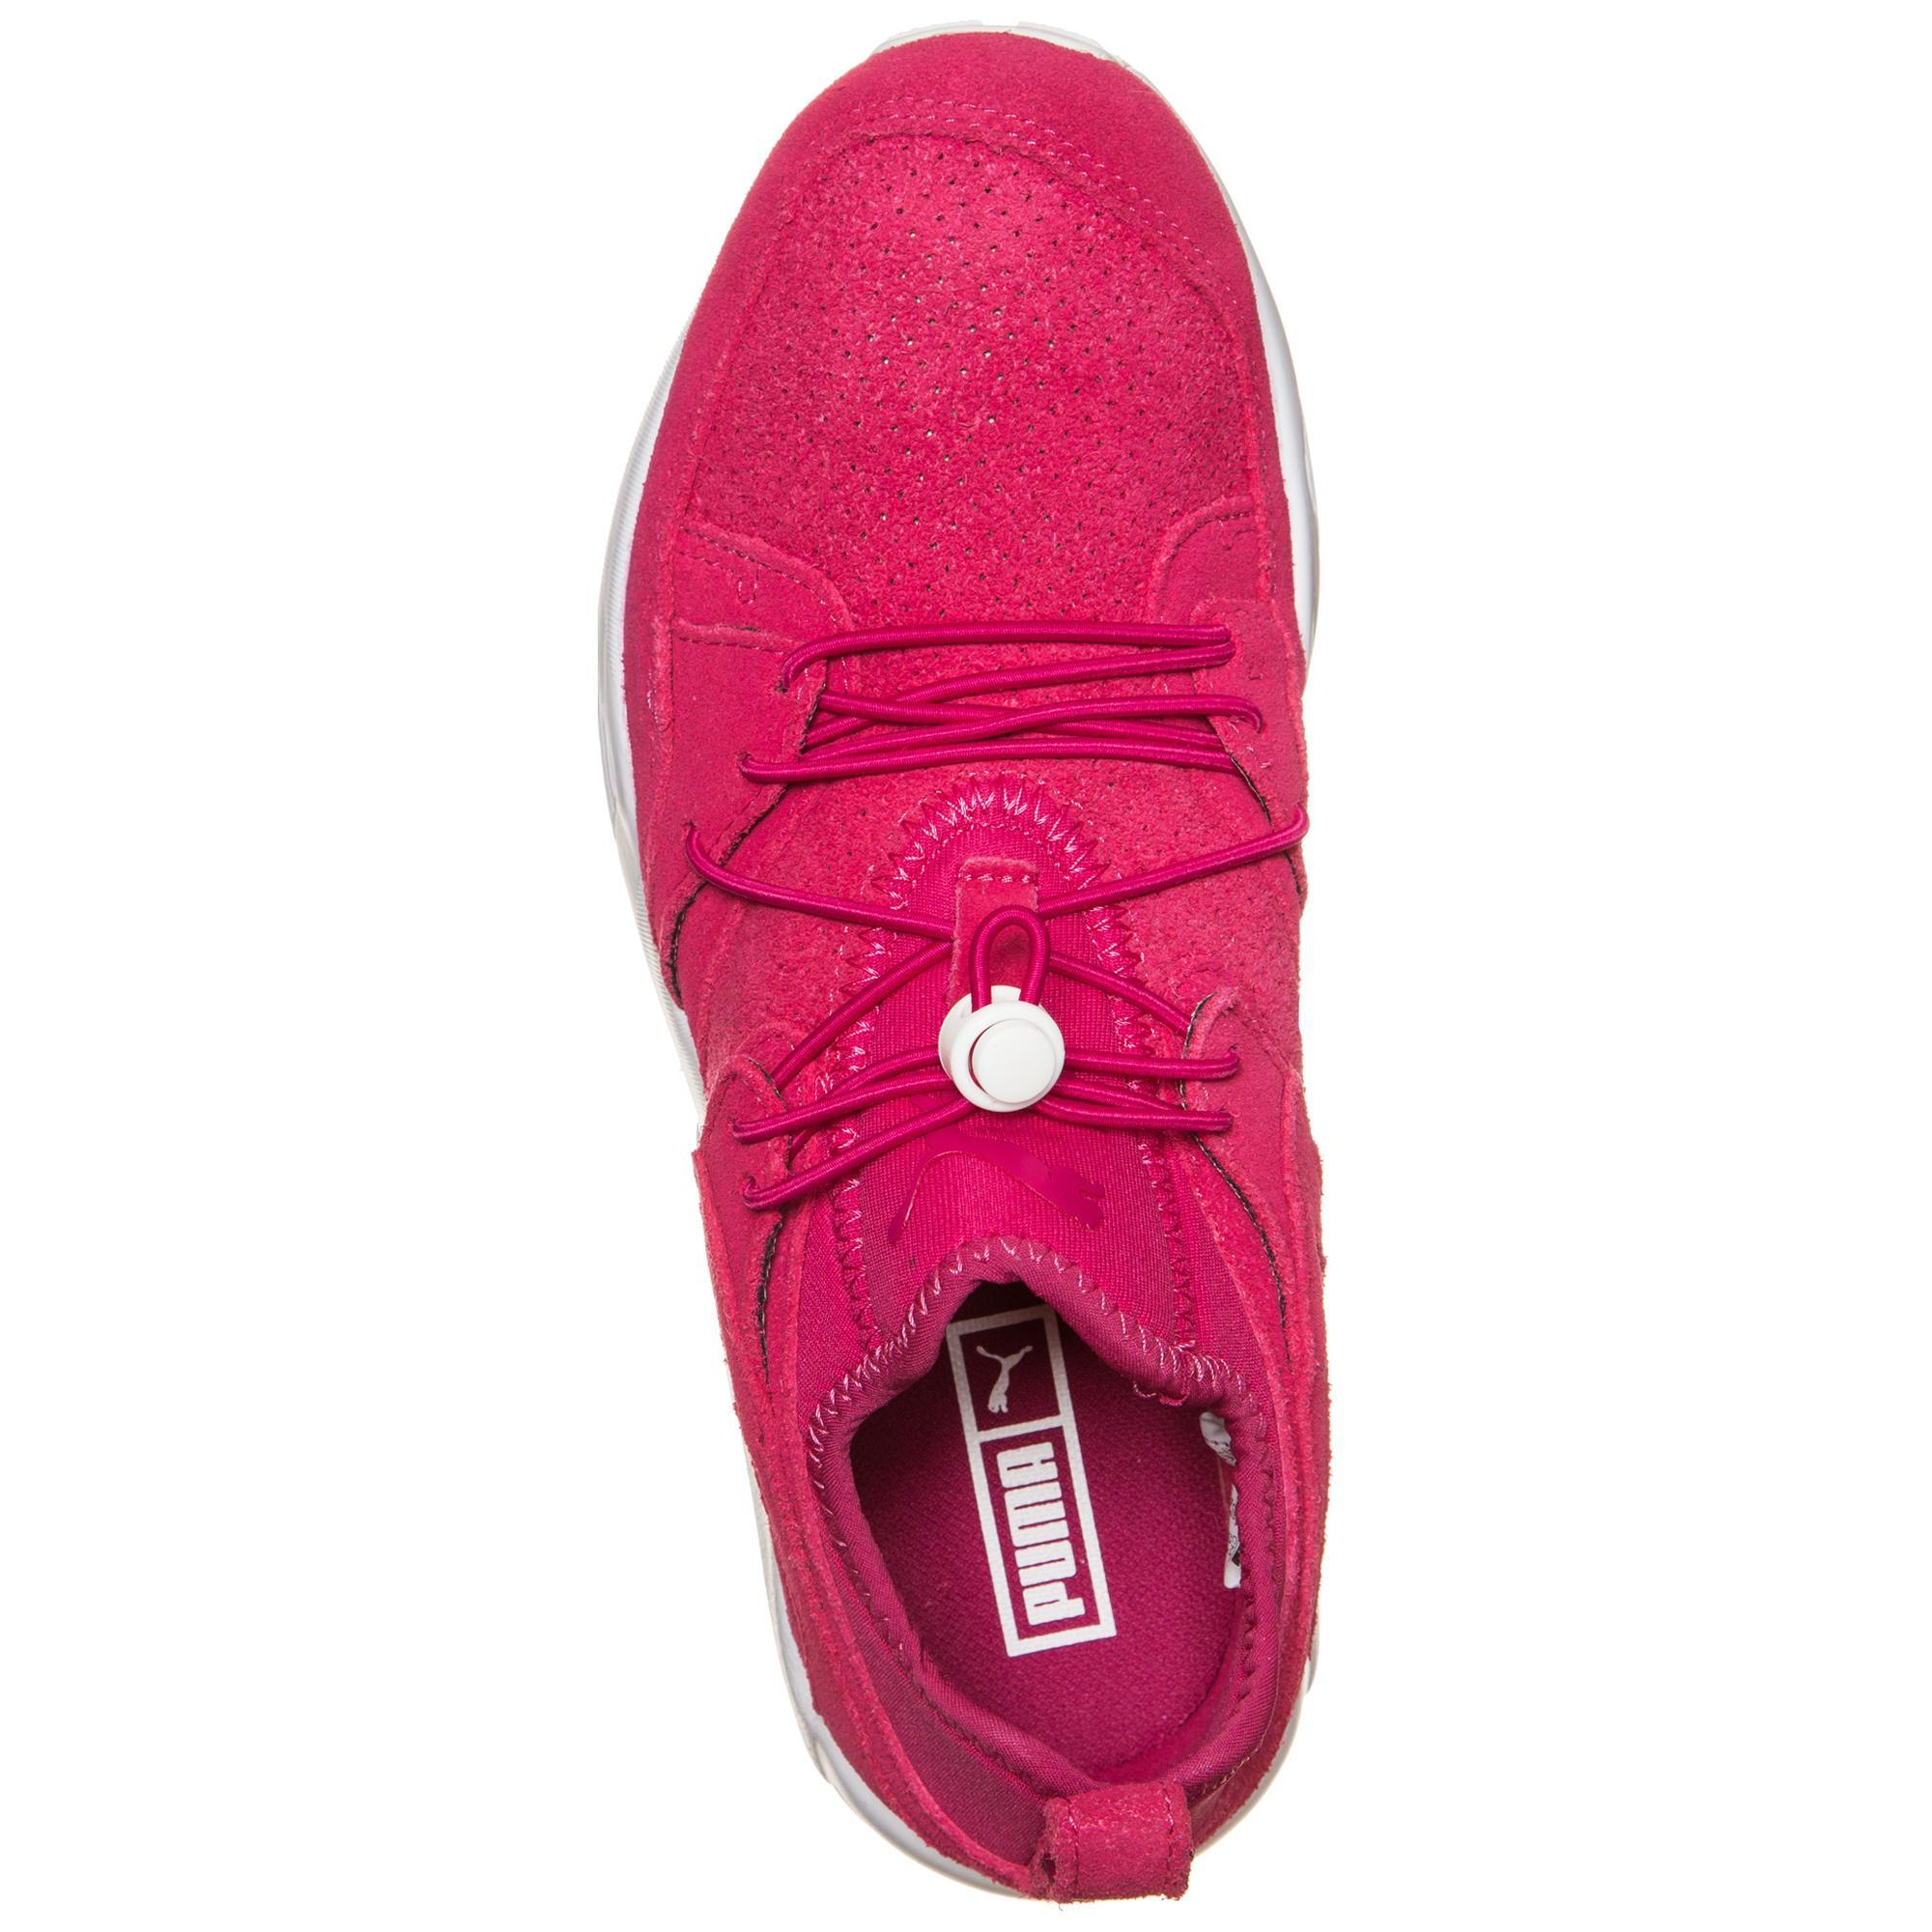 PUMA Blaze of Glory Soft Turnschuhe Damen Rosa     weiß im Online Shop von SportScheck kaufen Gute Qualität beliebte Schuhe 634024